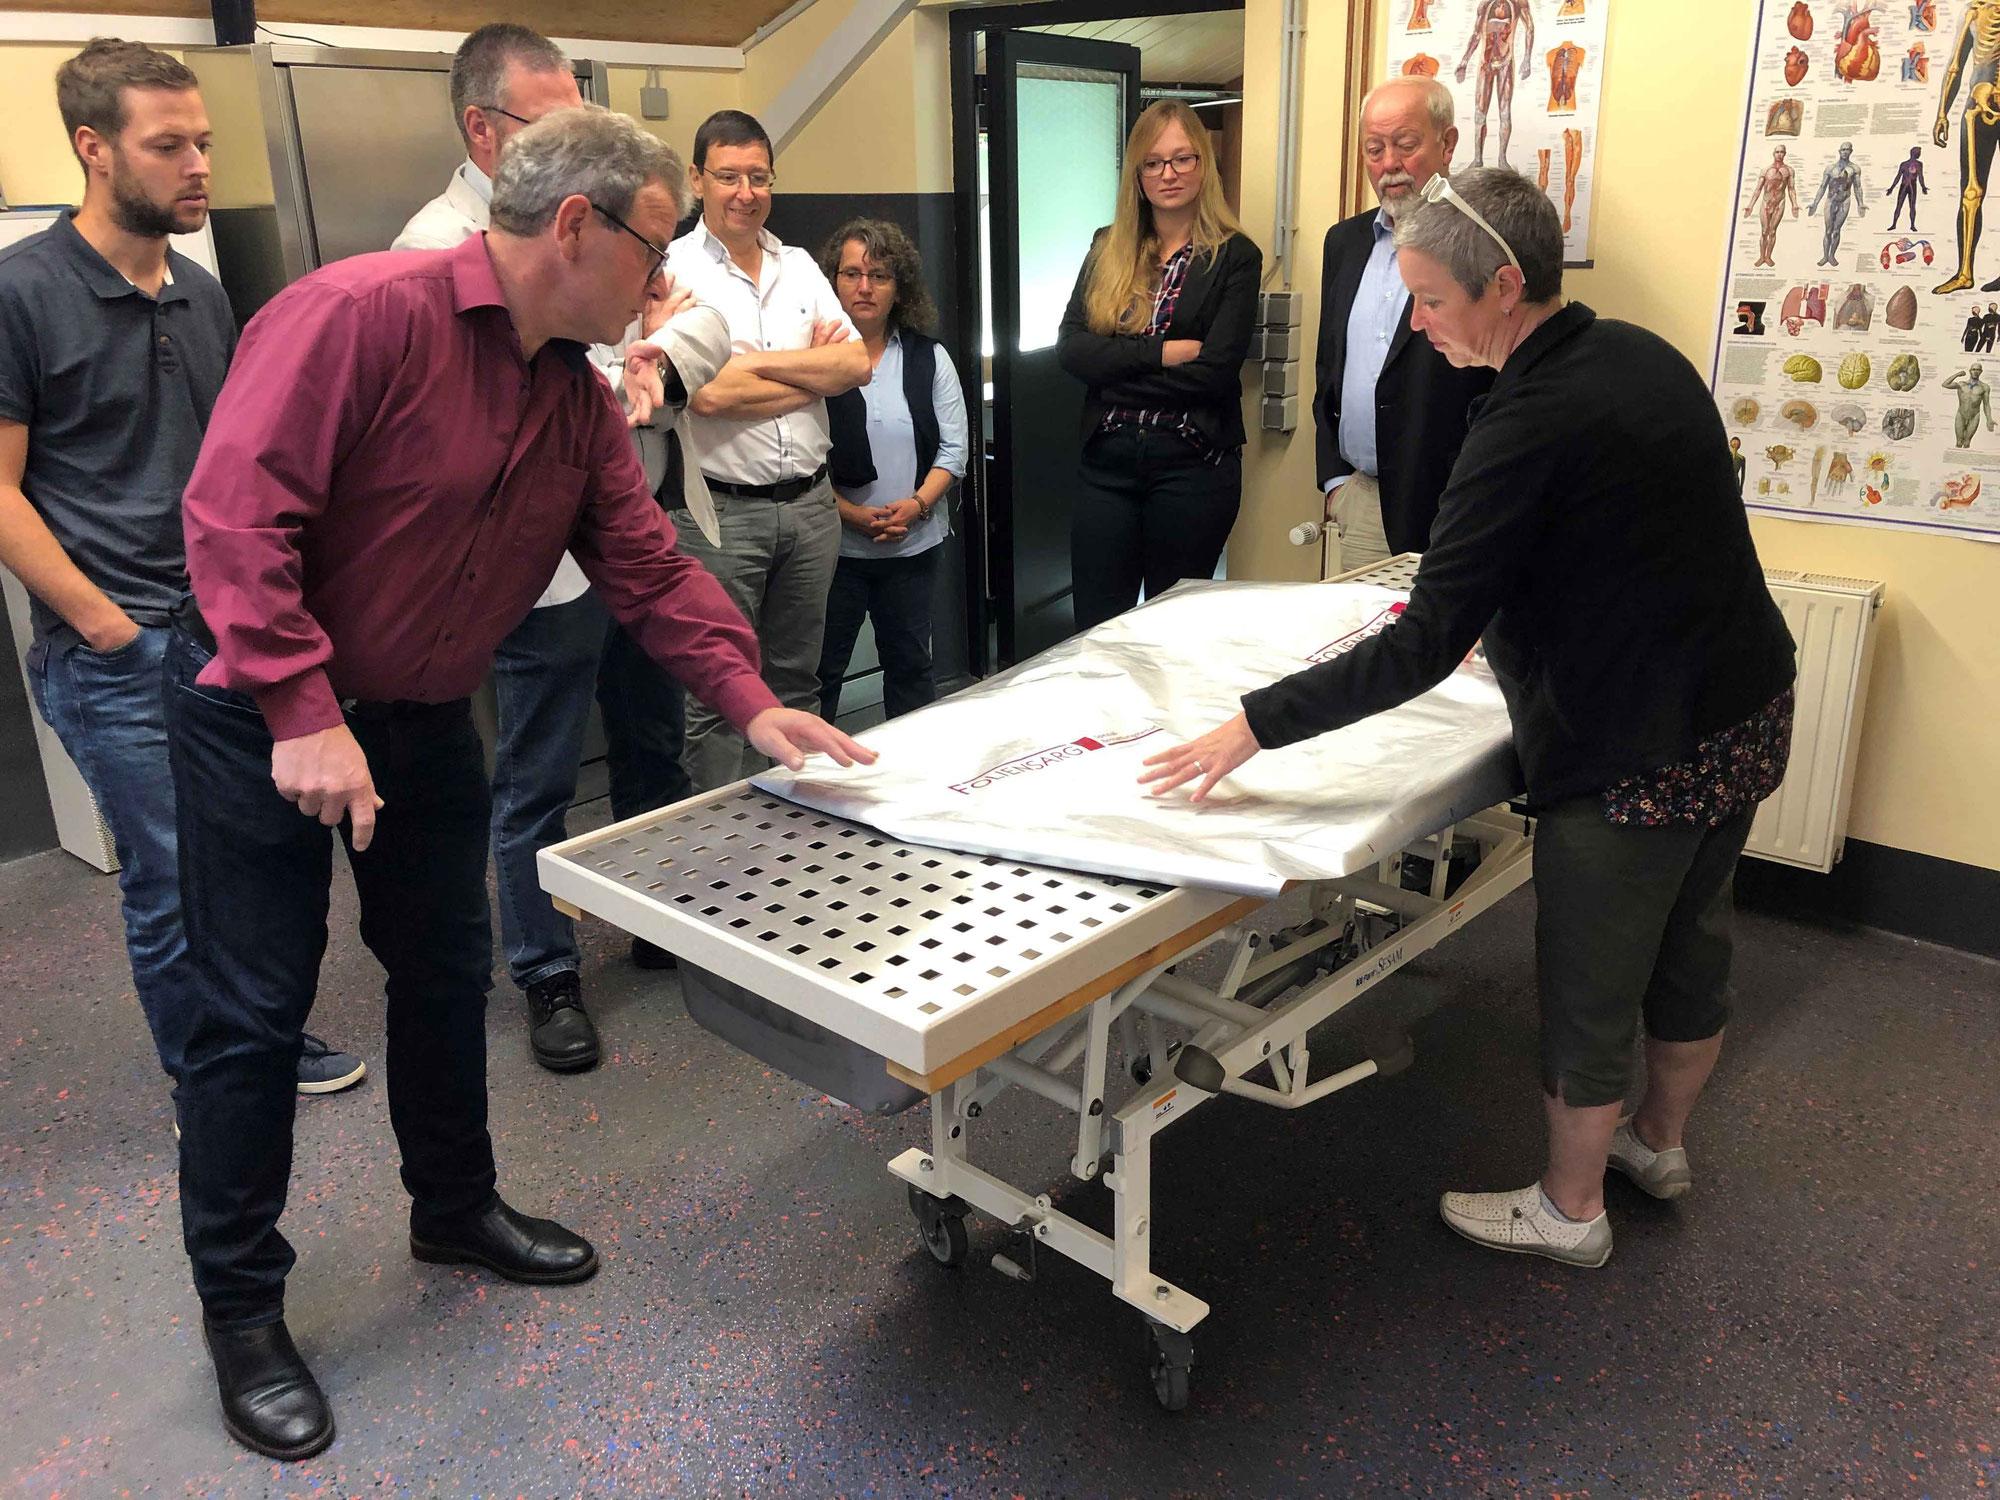 Rumberg-Bestattungen: Qualitativ hochwertiges Dienstleistungsangebot